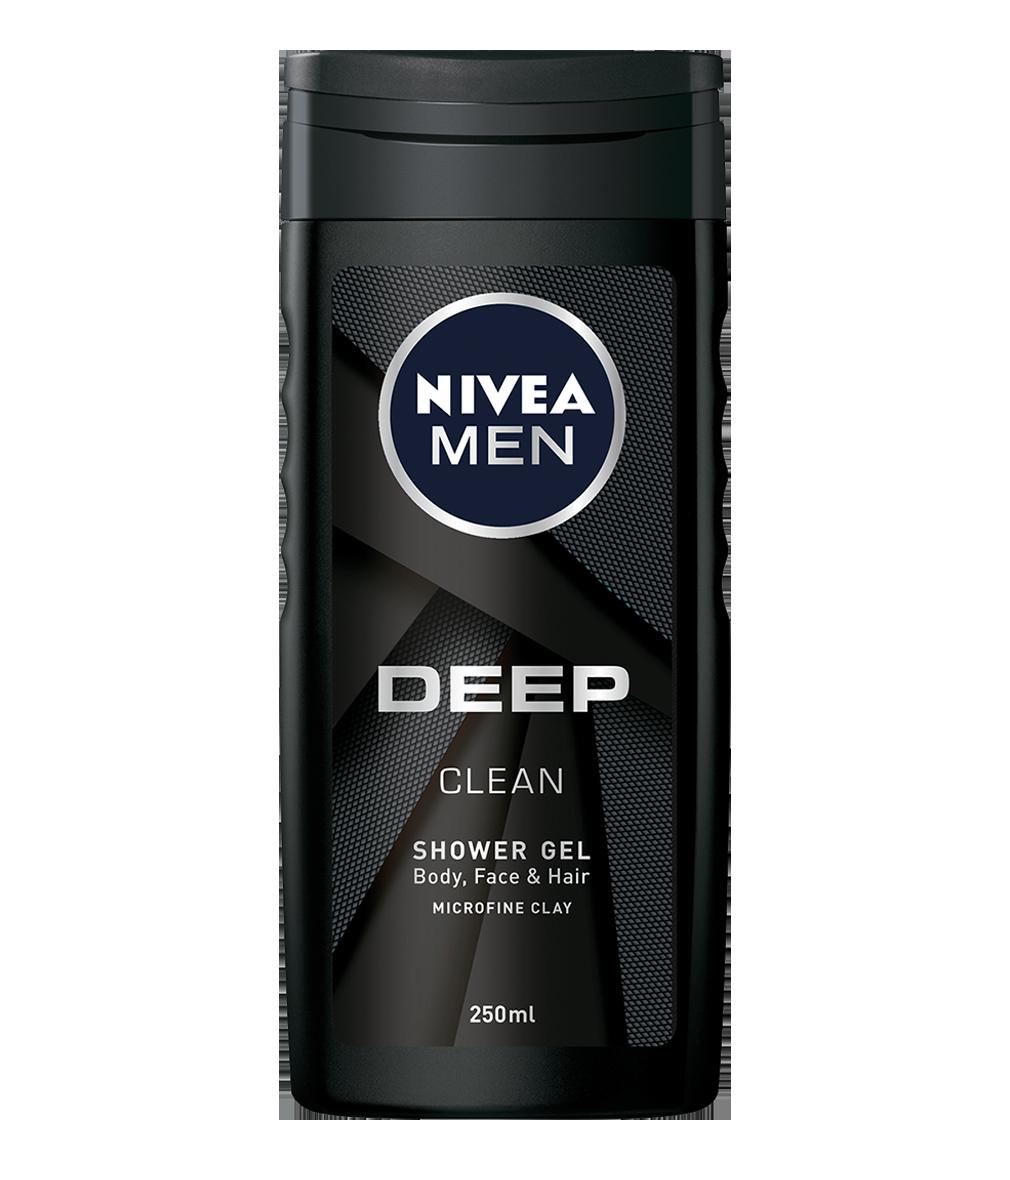 Nivea Men Gel Douche DEEP 250 ml  جل الاستحمام للجسم للرجل والجسم والشعر العميق النظيف